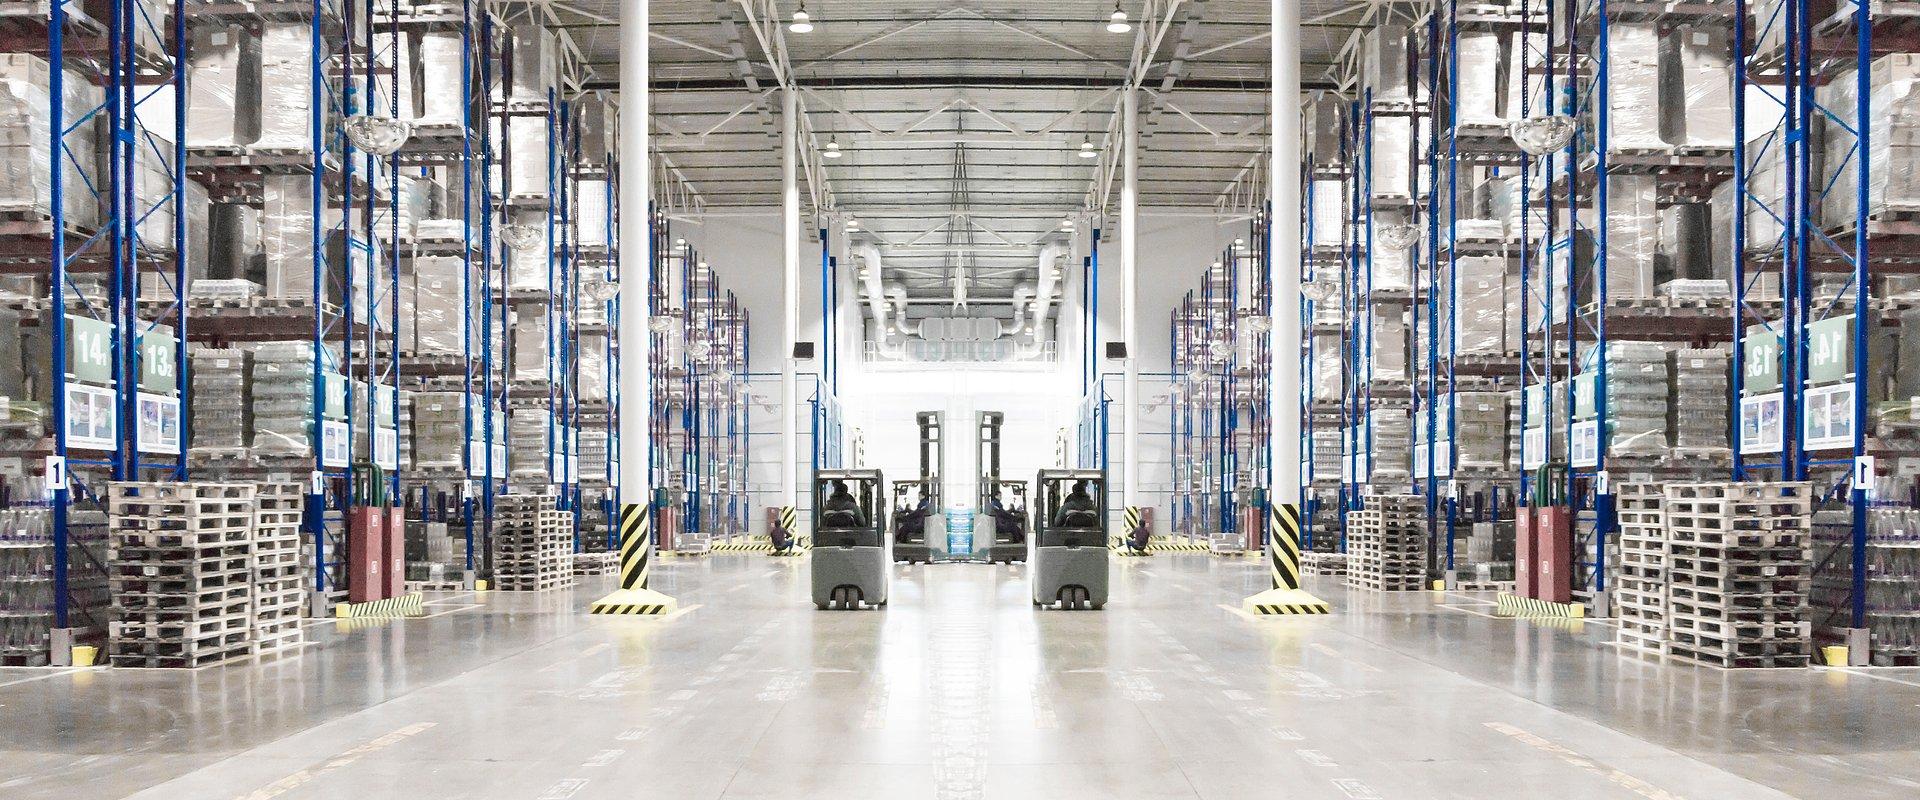 Autorski sposób na dziesięciokrotne zwiększenie powierzchni magazynowej w dwa lata. Case study Ekol Logistics